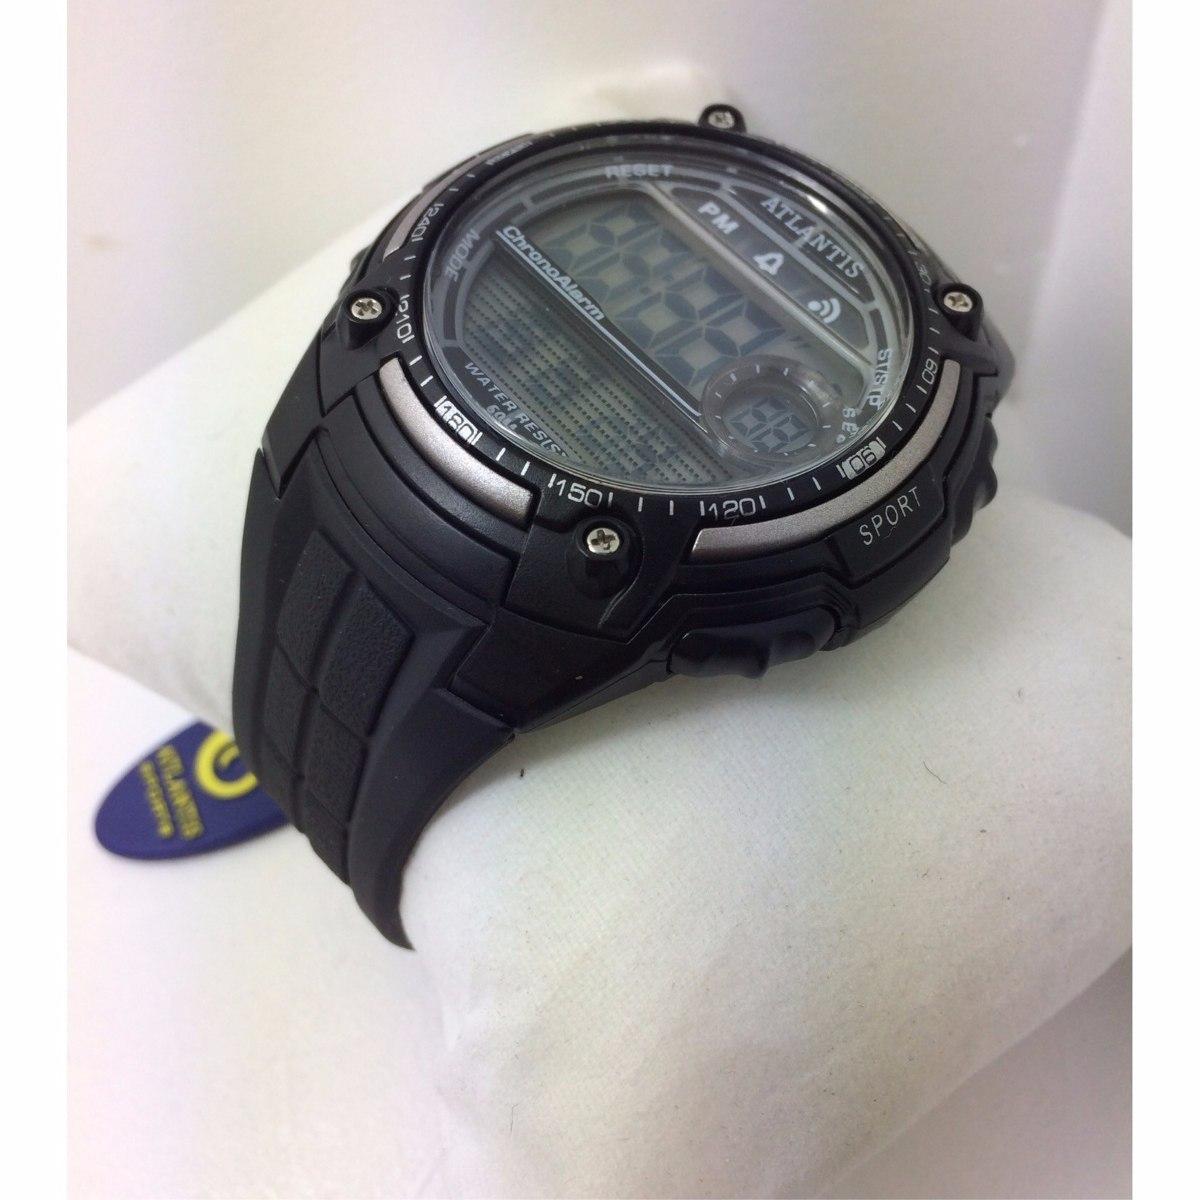 5215b715ebc Relogio Atlantis Digital Natação Sport Prova D agua G7408